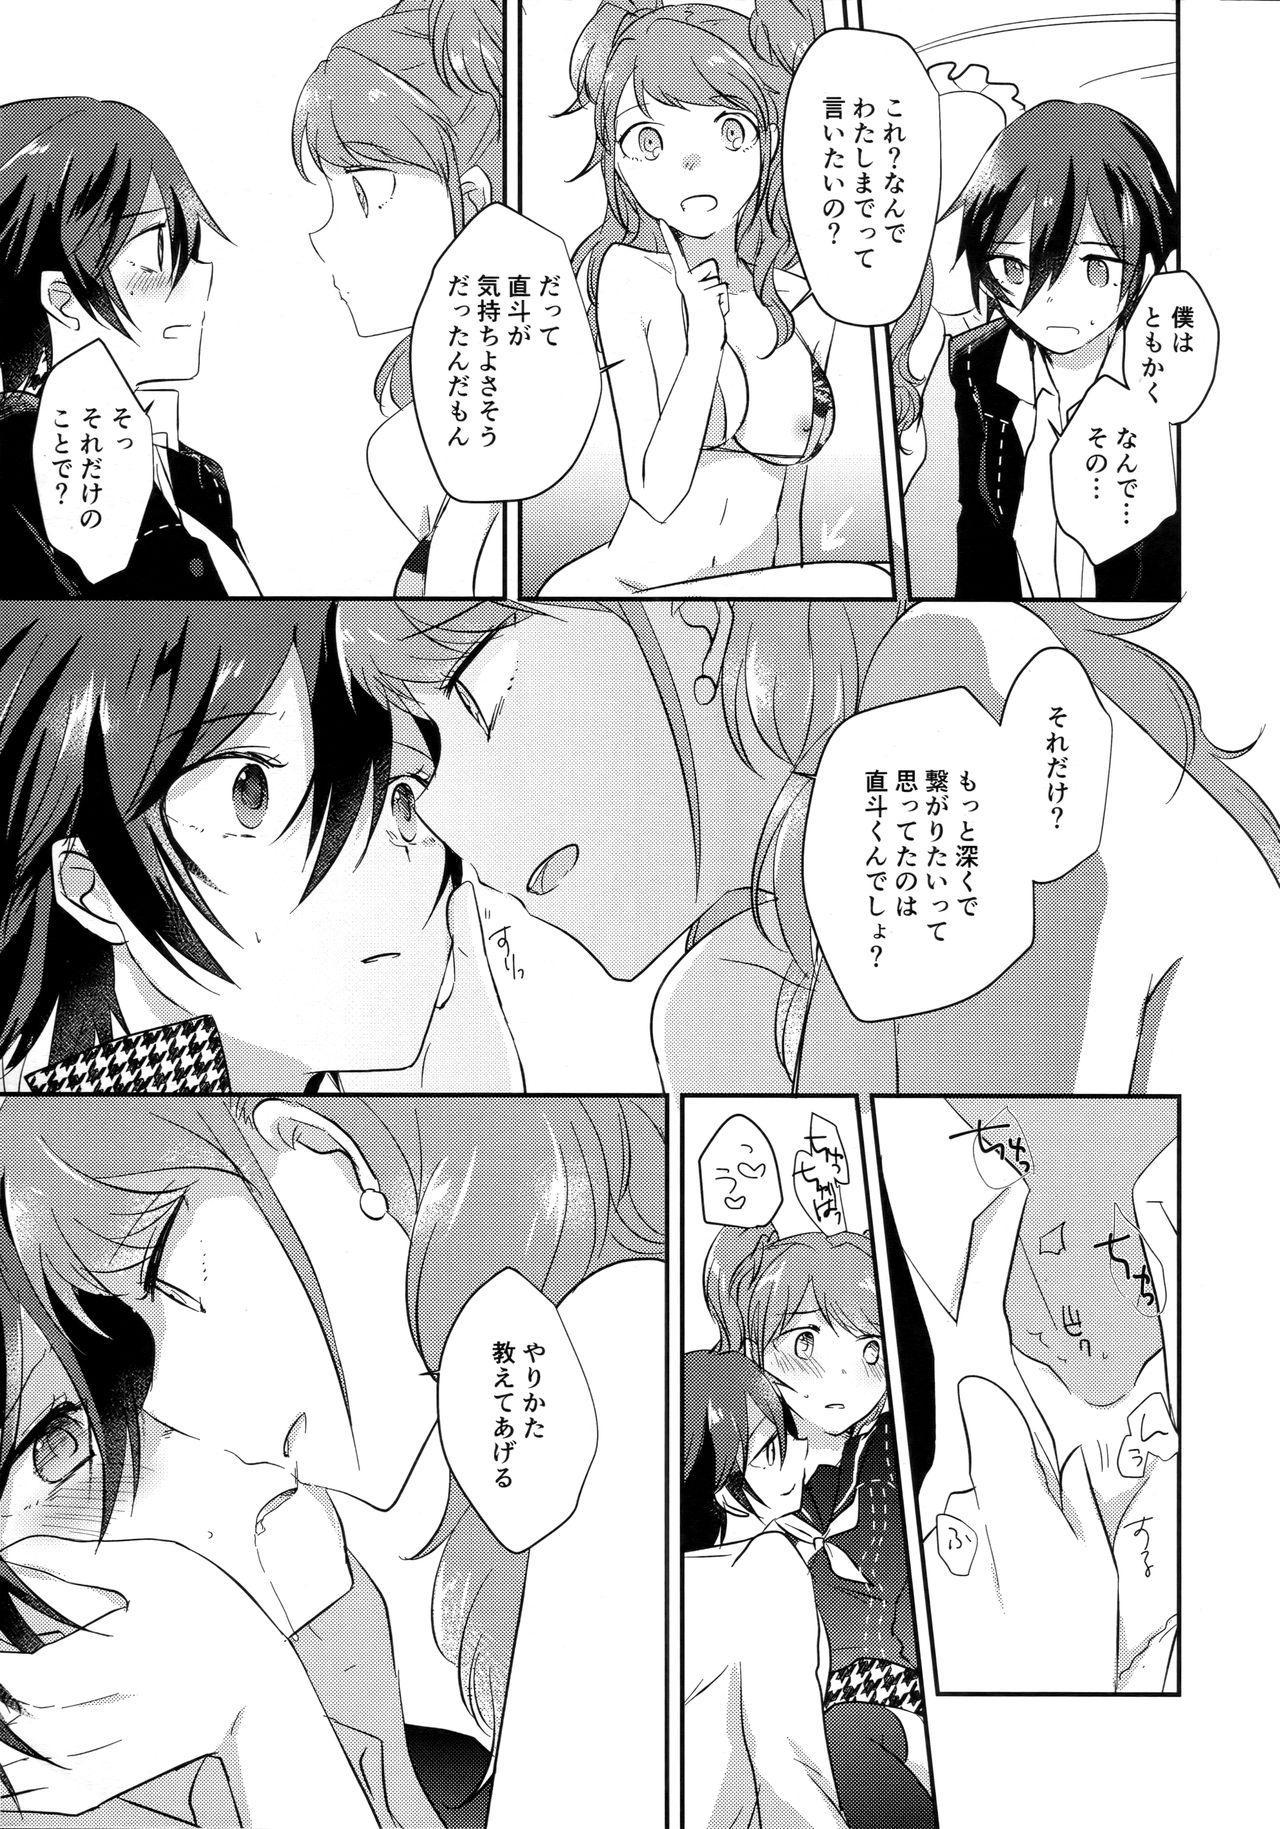 Kimi no Toriko 7